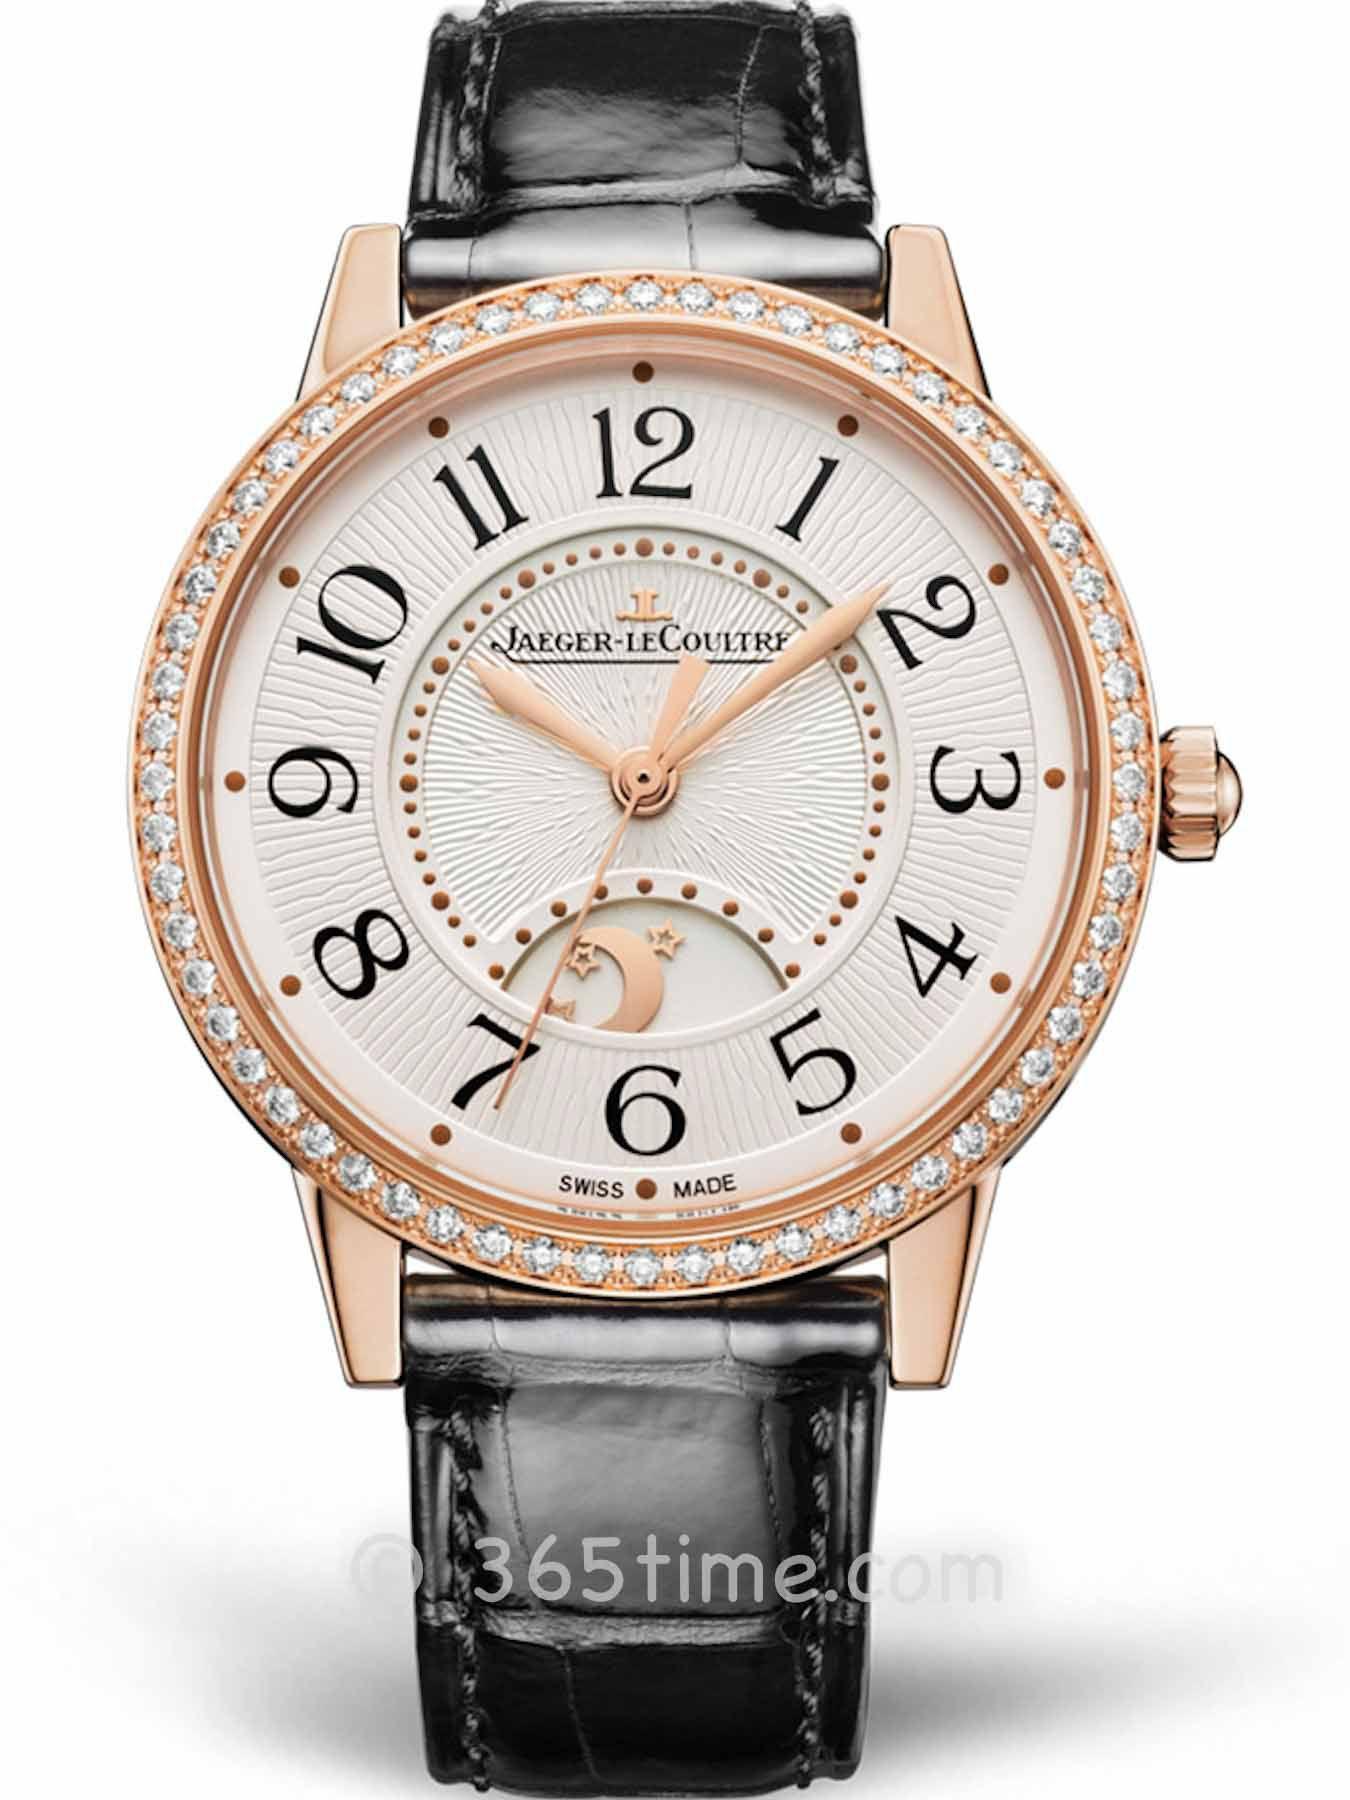 积家约会系列日夜显示腕表(中型款)3442430